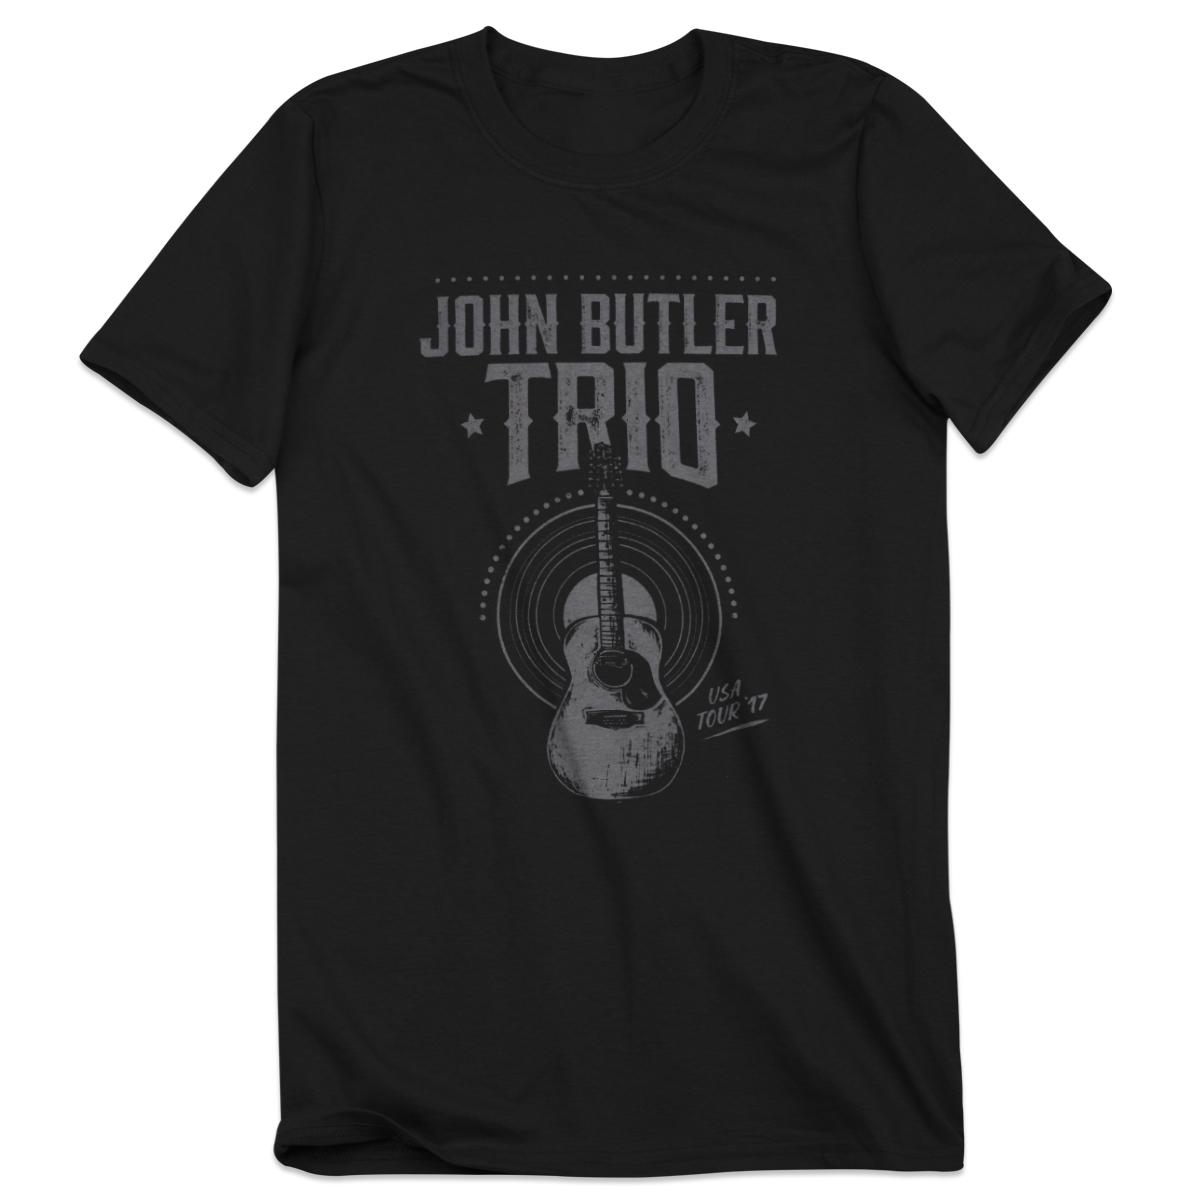 2017 Tour Tee Gray Guitar Design T-Shirt